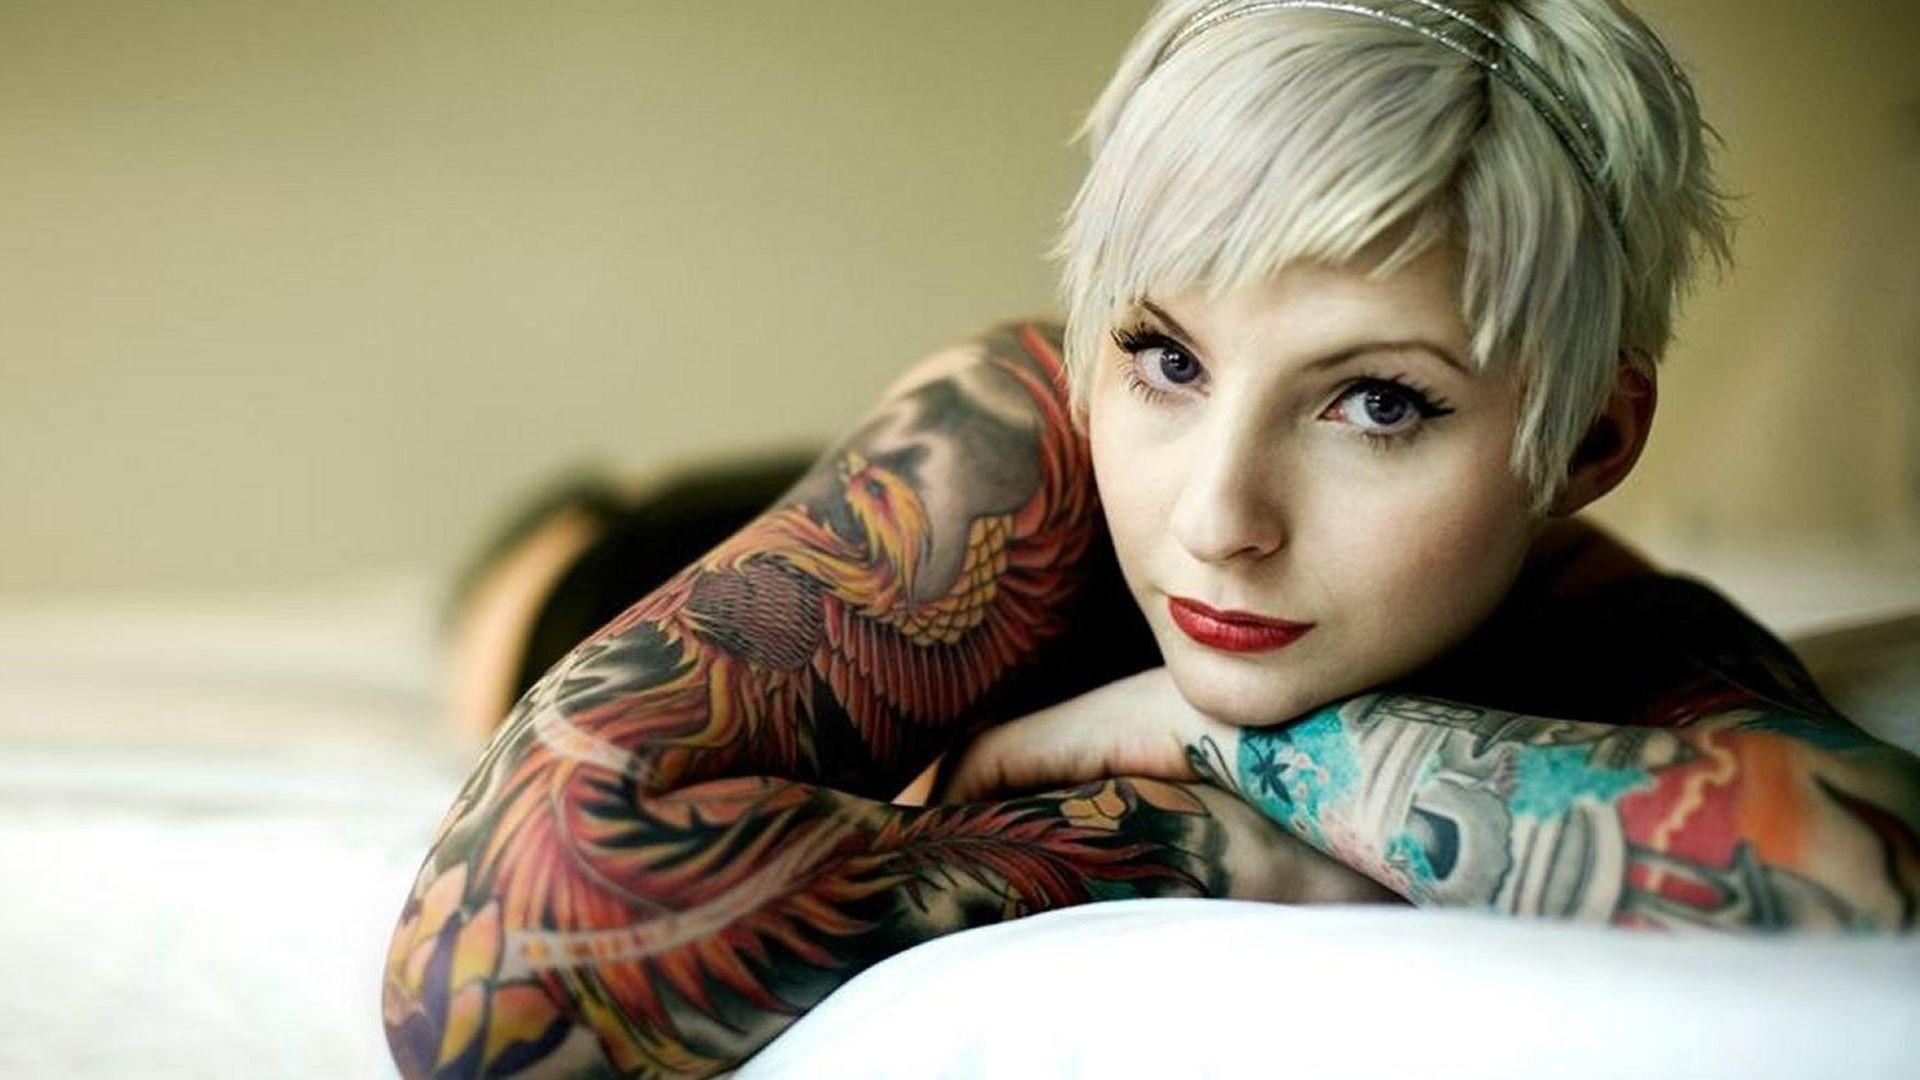 Tattooed Girl 1920ã—1080 Wallpaper - Suicide Girl Short Hair - HD Wallpaper